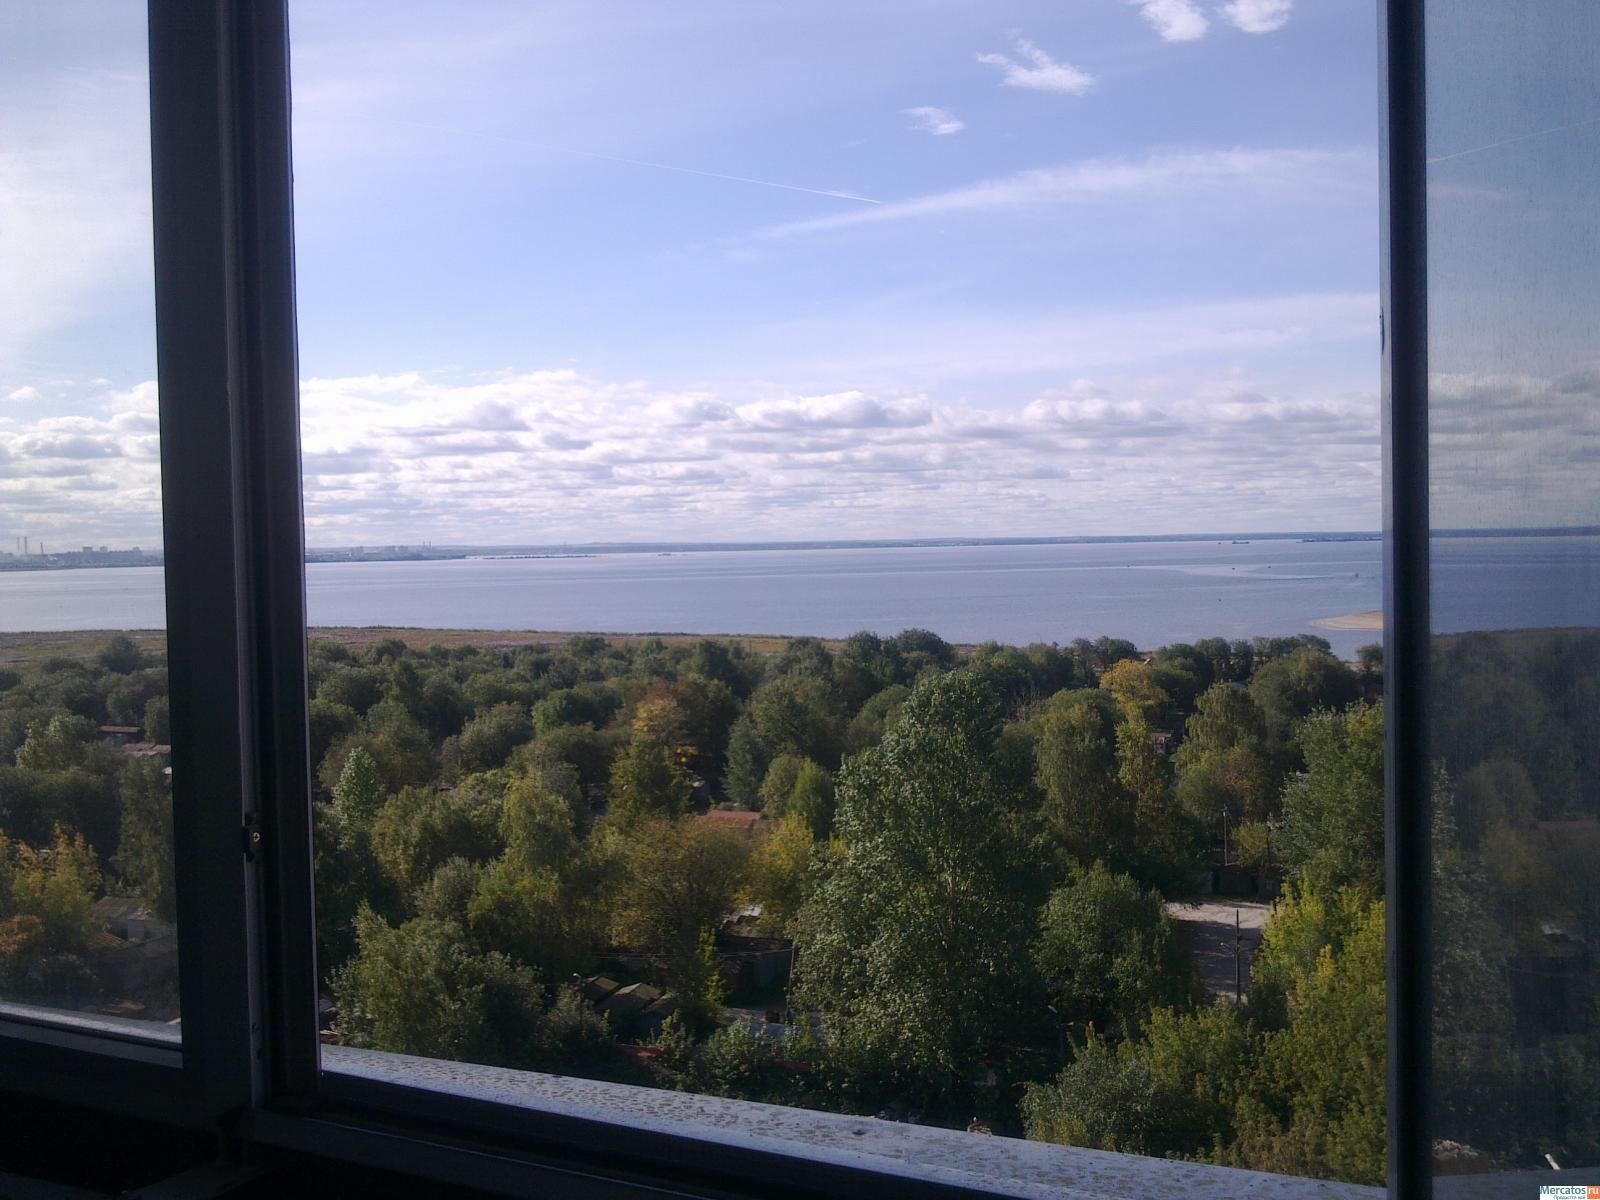 квартиры в санкт петербурге с видом на финский залив